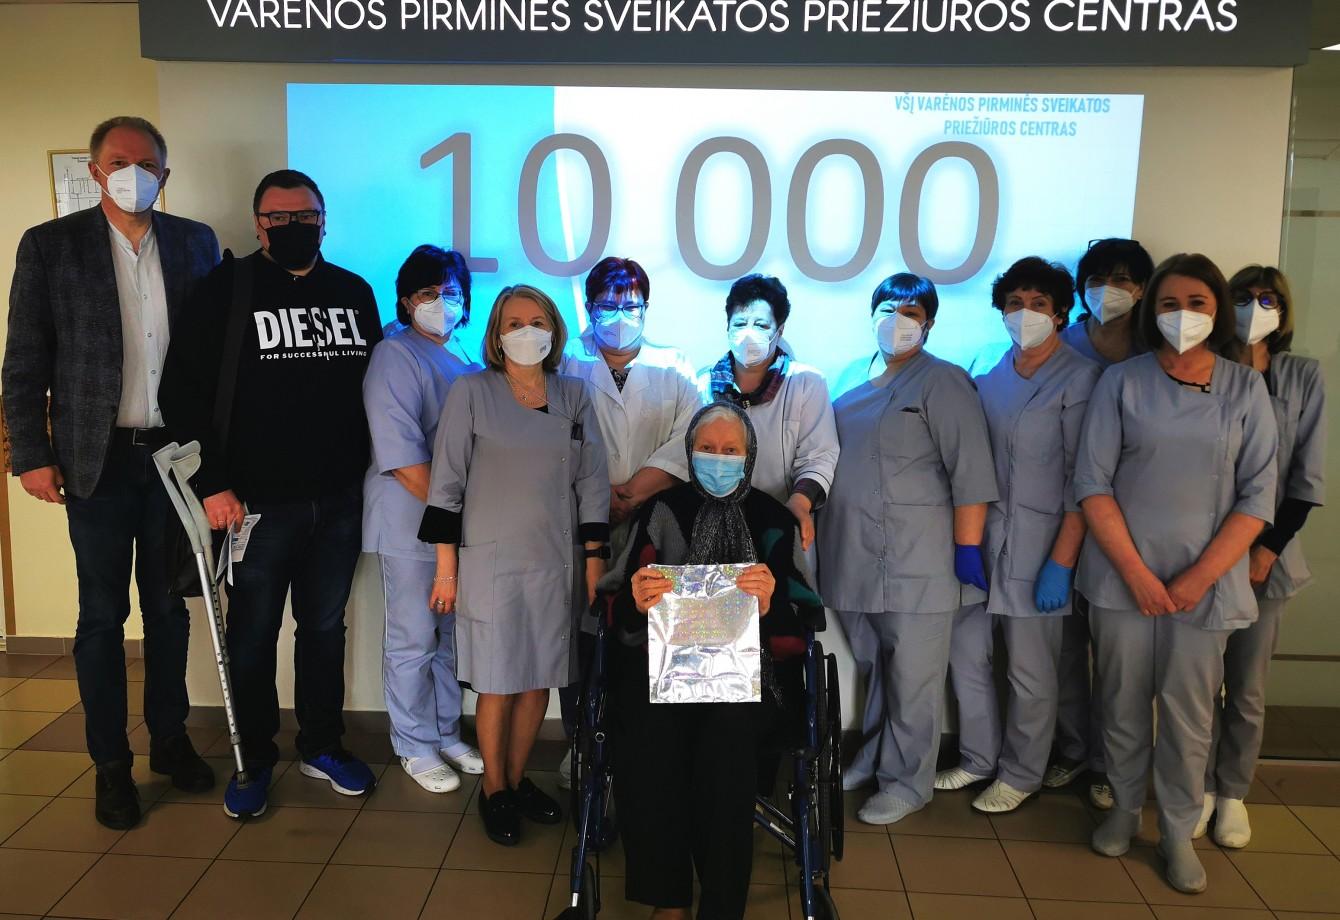 2021 m. gegužės 21 d. VšĮ Varėnos pirminės sveikatos priežiūros centre buvo suleista dešimt tūkstantoji dozė vakcinos nuo COVID-19 ligos